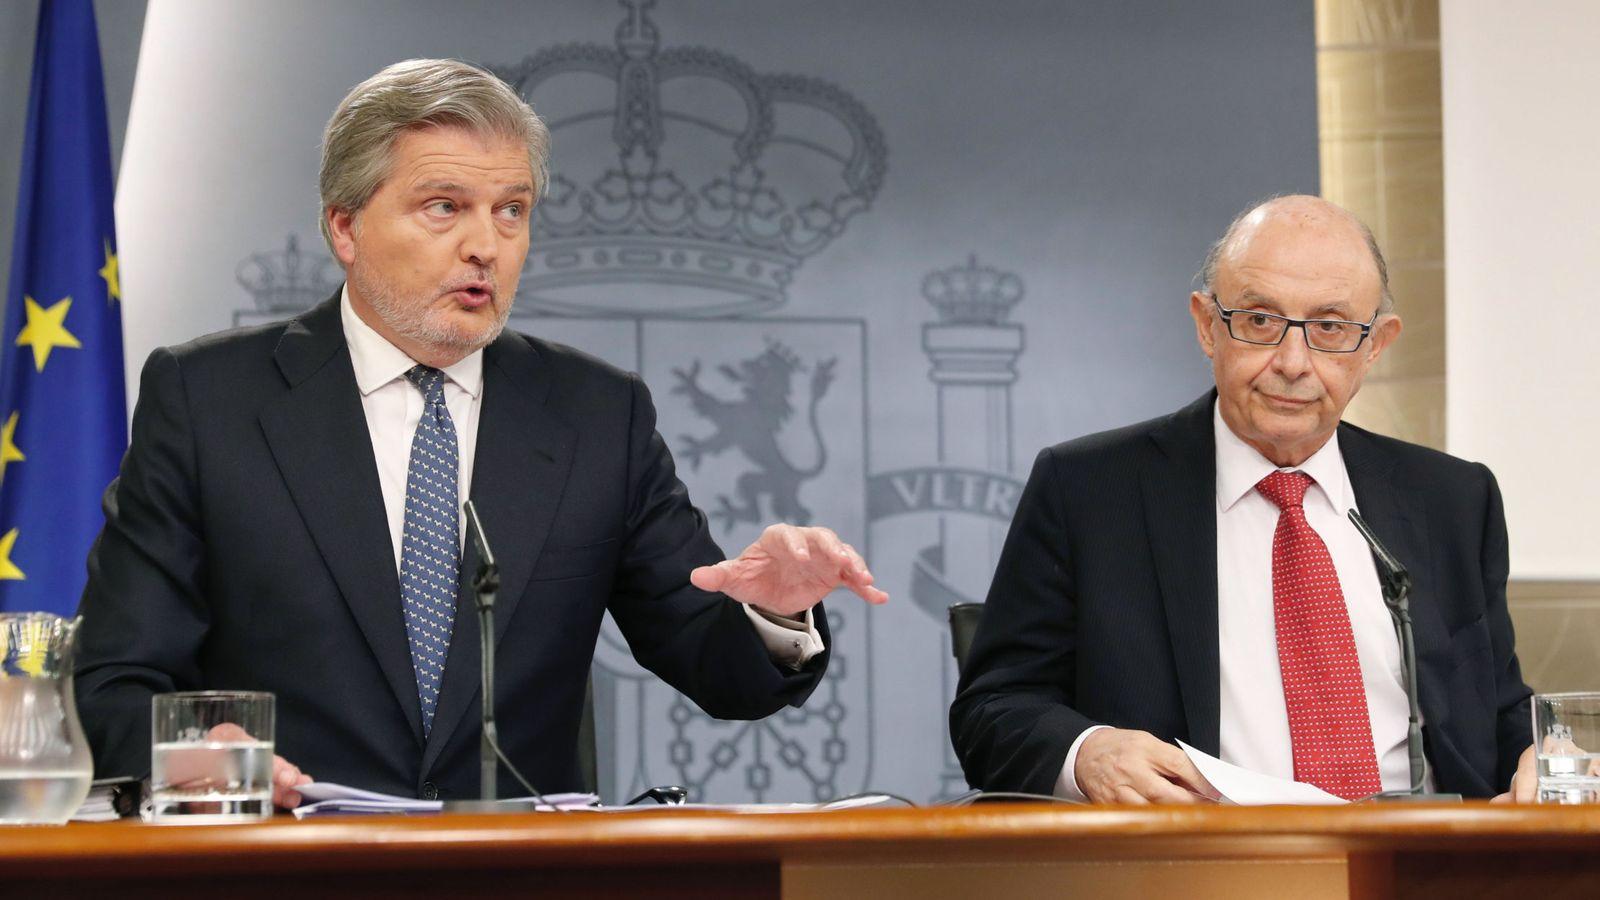 Foto: El ministro de Hacienda, Cristóbal Montoro (d), y el portavoz del Gobierno, Íñigo Méndez de Vigo, durante la rueda de prensa posterior a la reunión del Consejo de Ministros. (EFE)